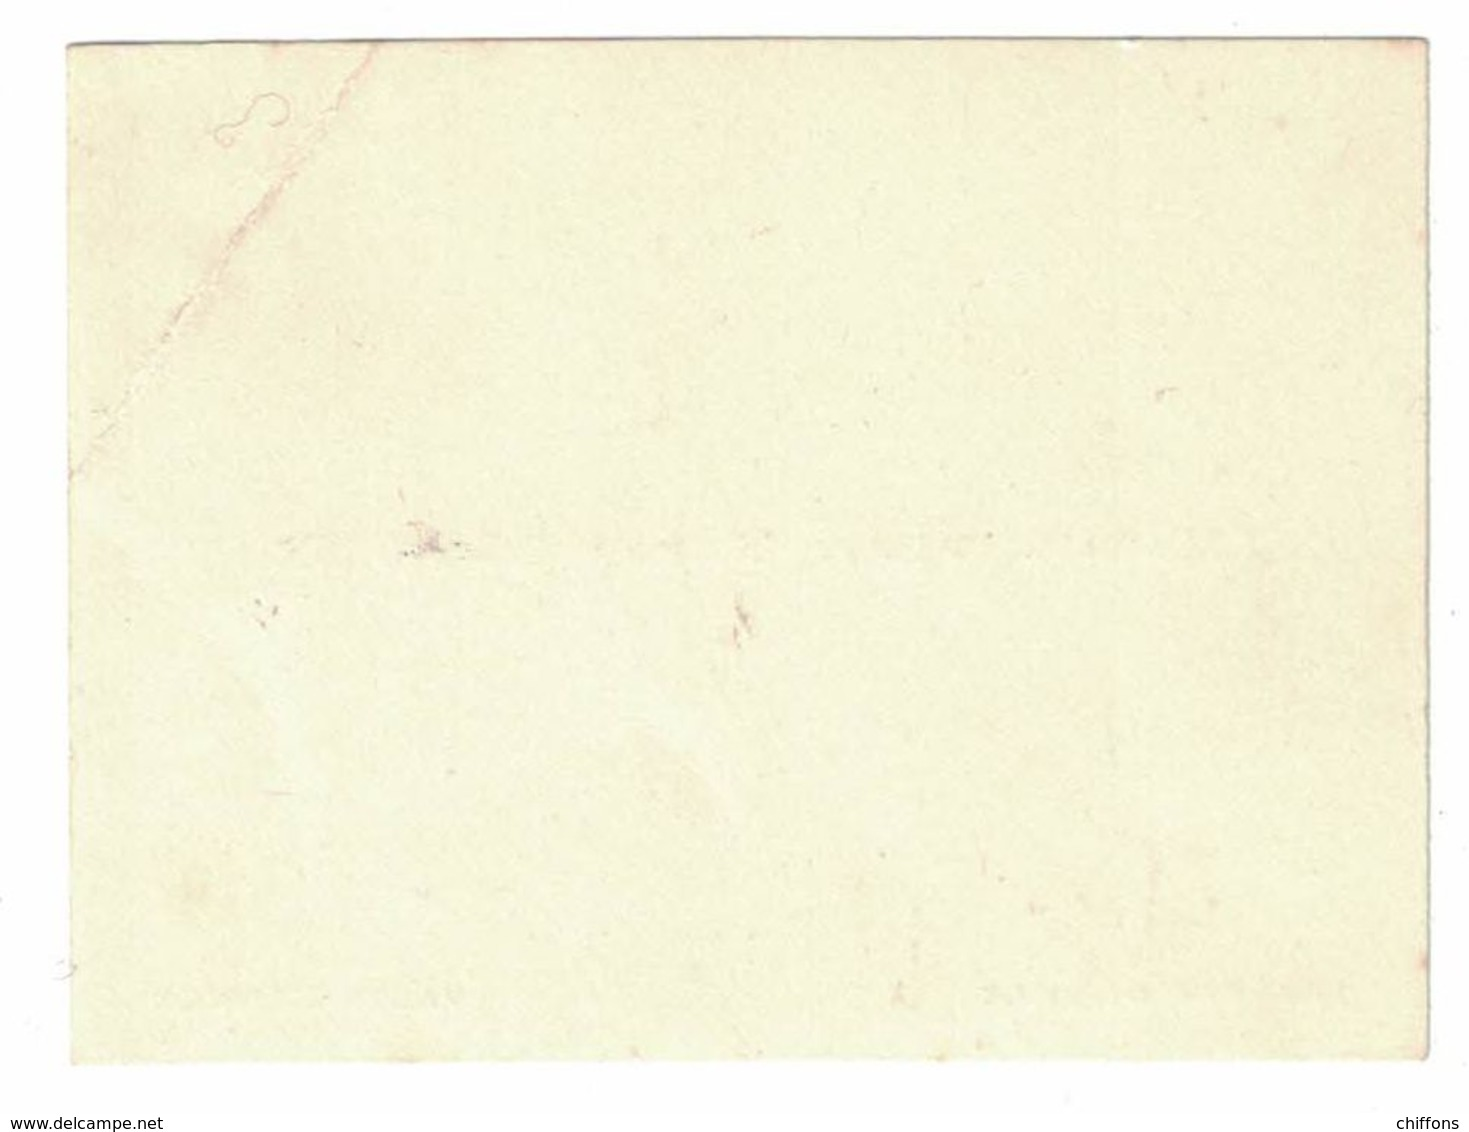 MADAME VEUVE VICTOR BOISSIER 129 RUE DE LILLE VALENCIENNES - Cartes De Visite